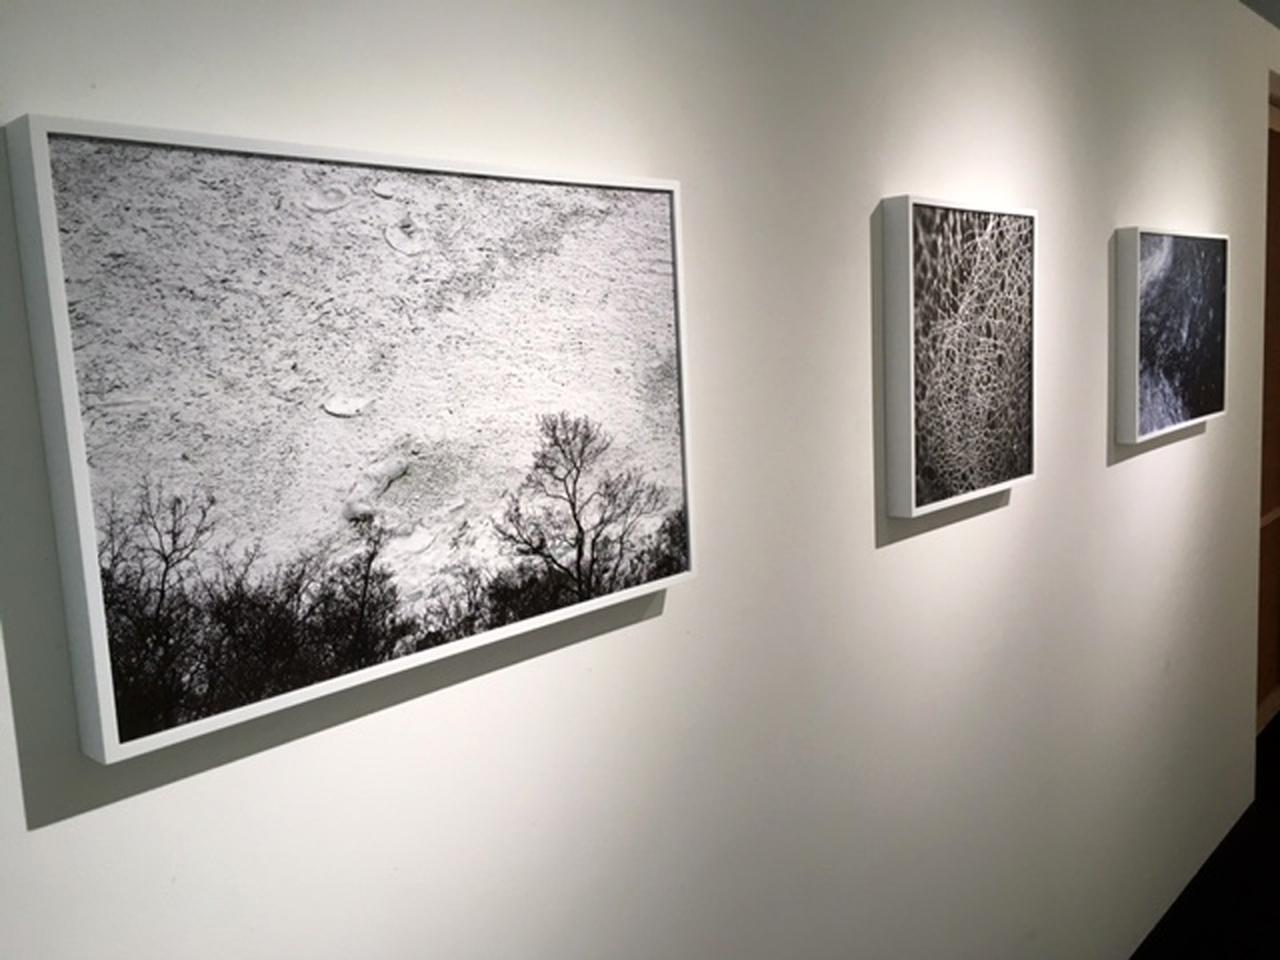 画像2: GOTO AKI写真展『event horizon -事象の地平線-』。一流の商社勤めを辞めてフリーランスとなった変わり種写真家のGOTO AKIさん。